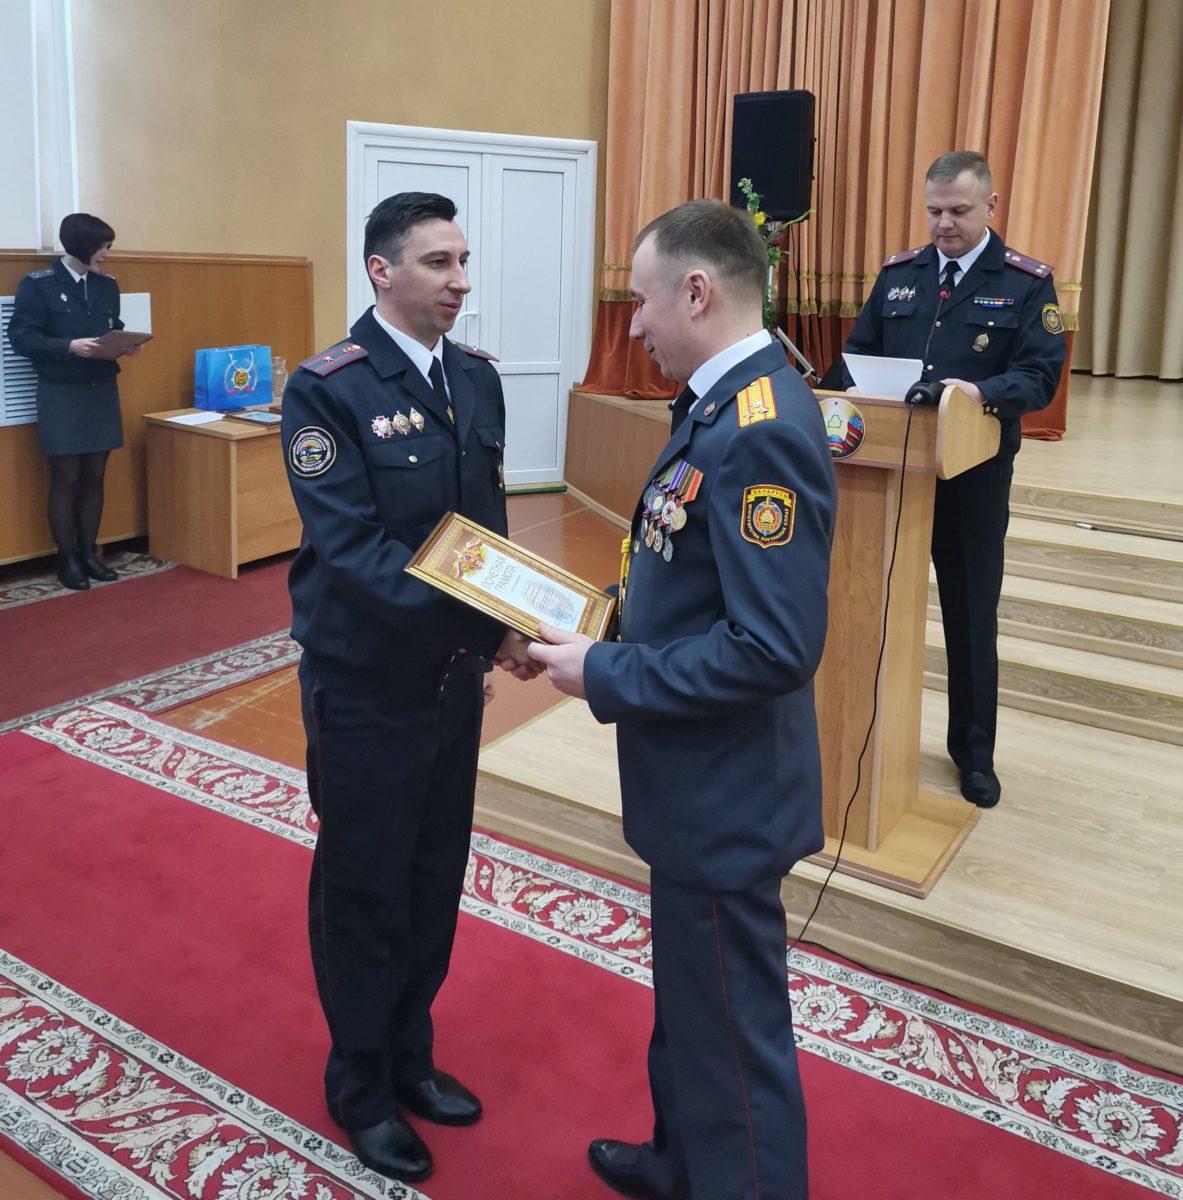 Владимир Максимчик вручает награду своему подчиненному. Фото: Барановичский ГОВД